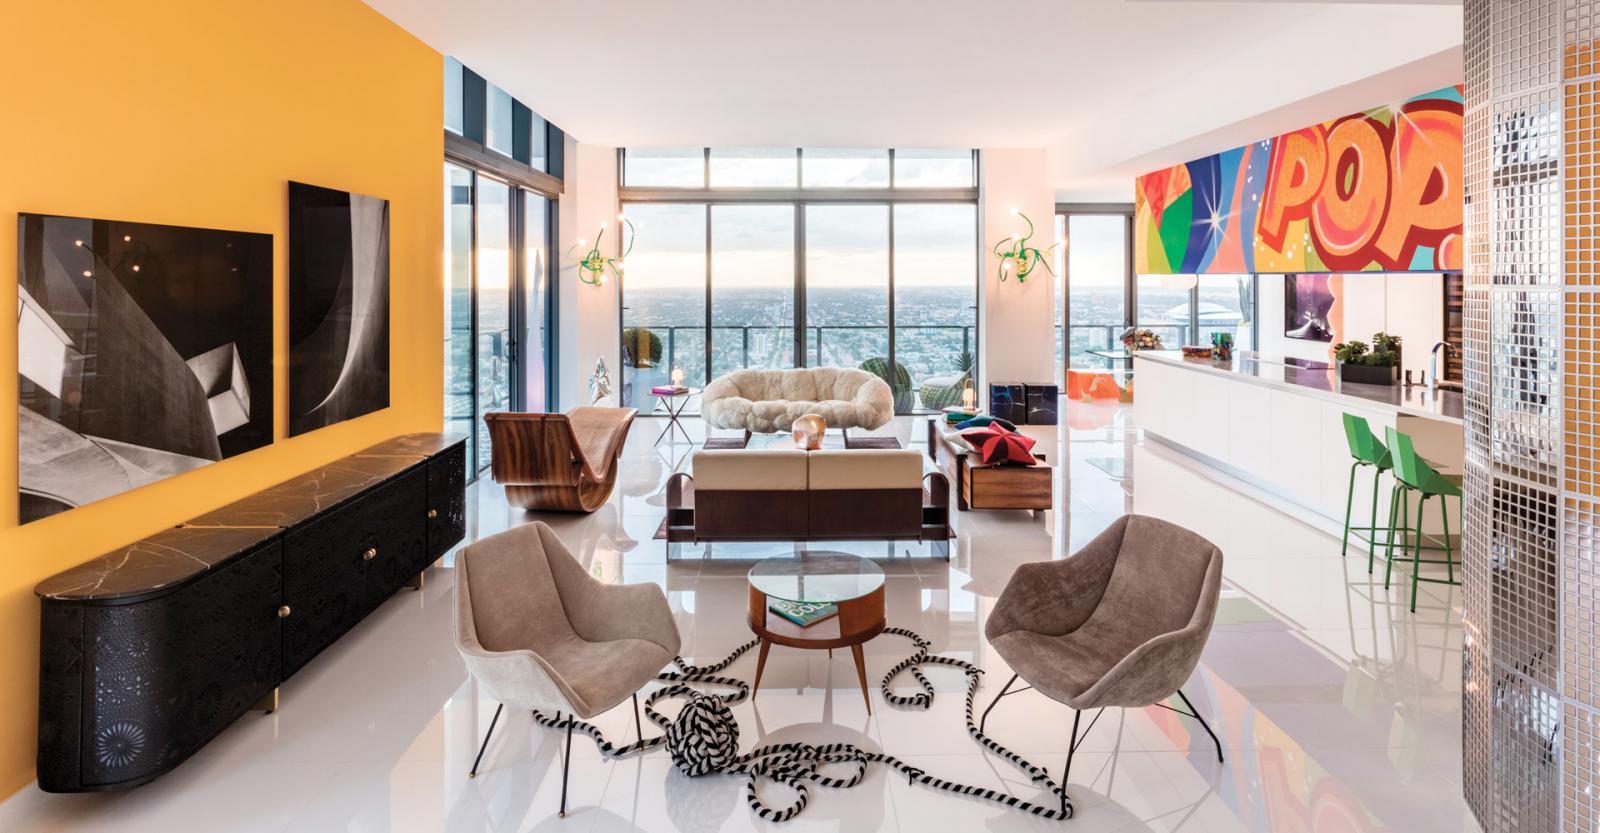 CasaCor Miami: 20 интерьеров для интернациональных клиентов